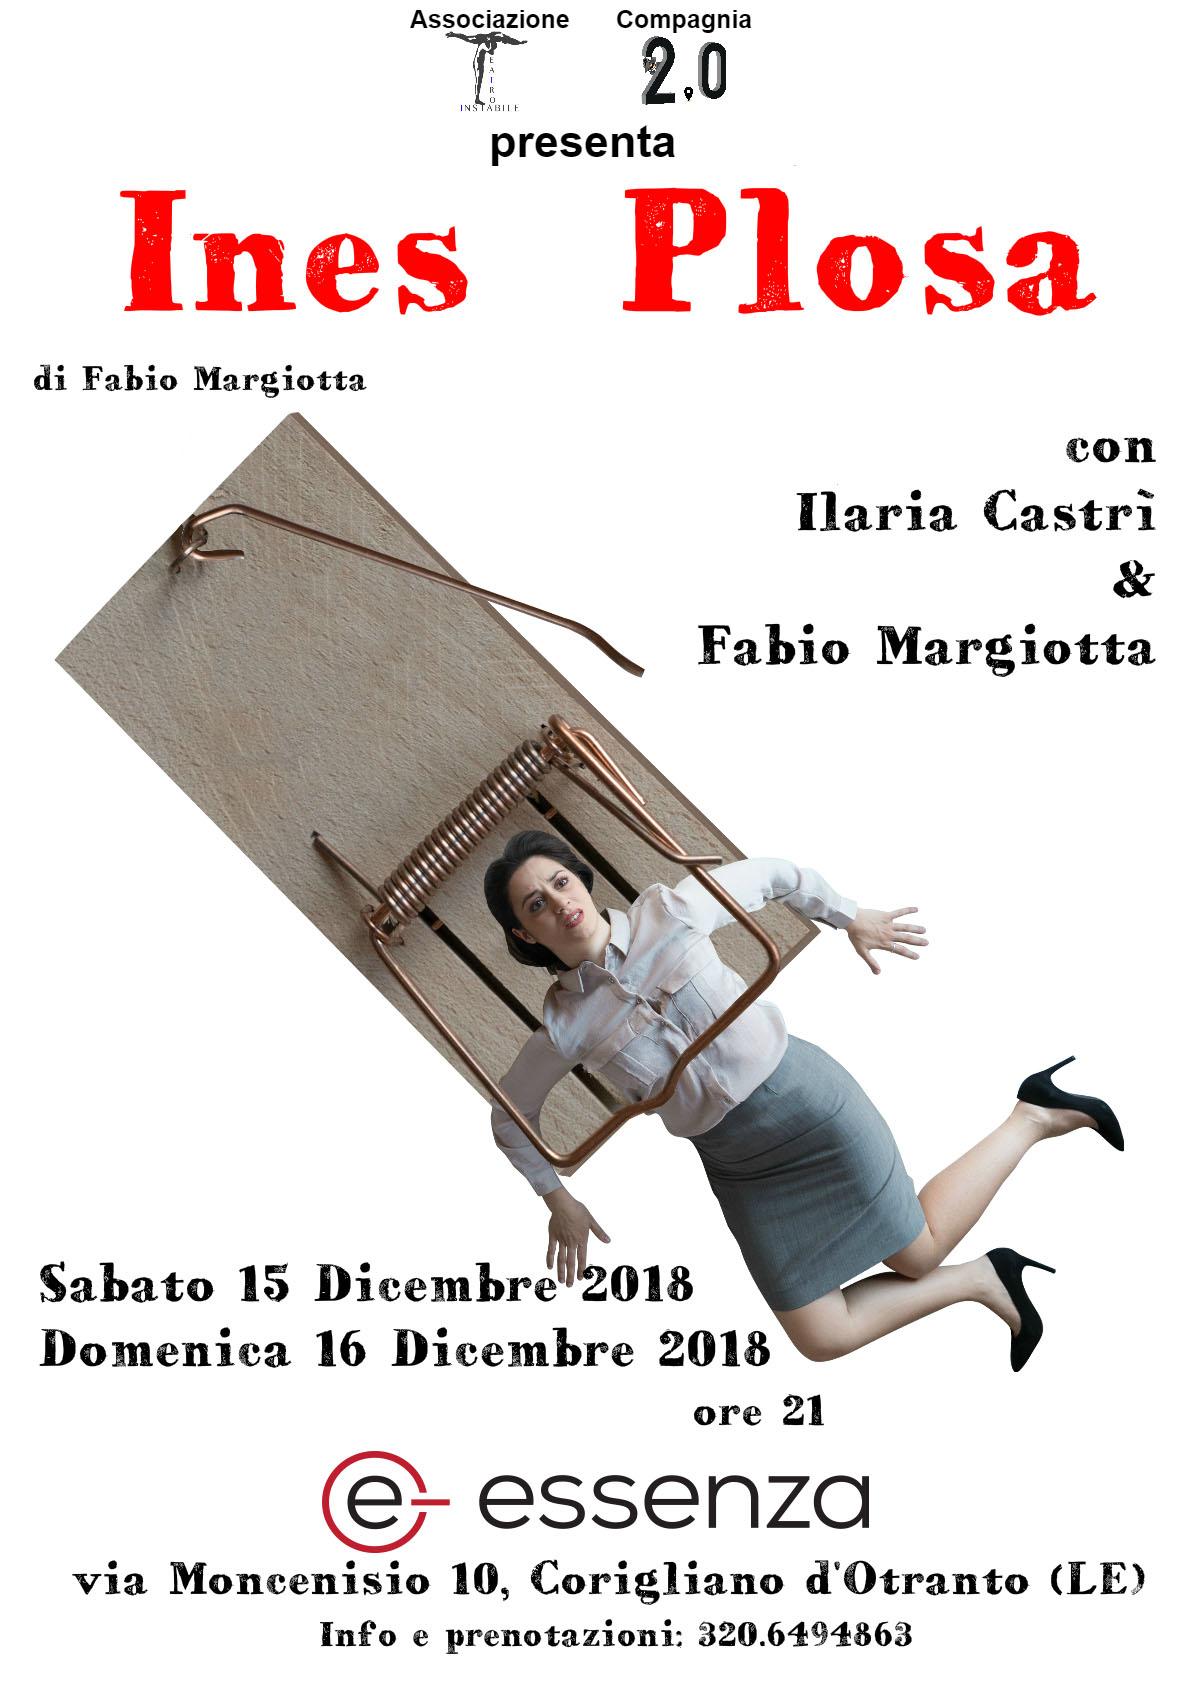 sabato 15 e domenica 16 dicembre Essenza e- ospita INES PLOSA di Fabio Margiotta